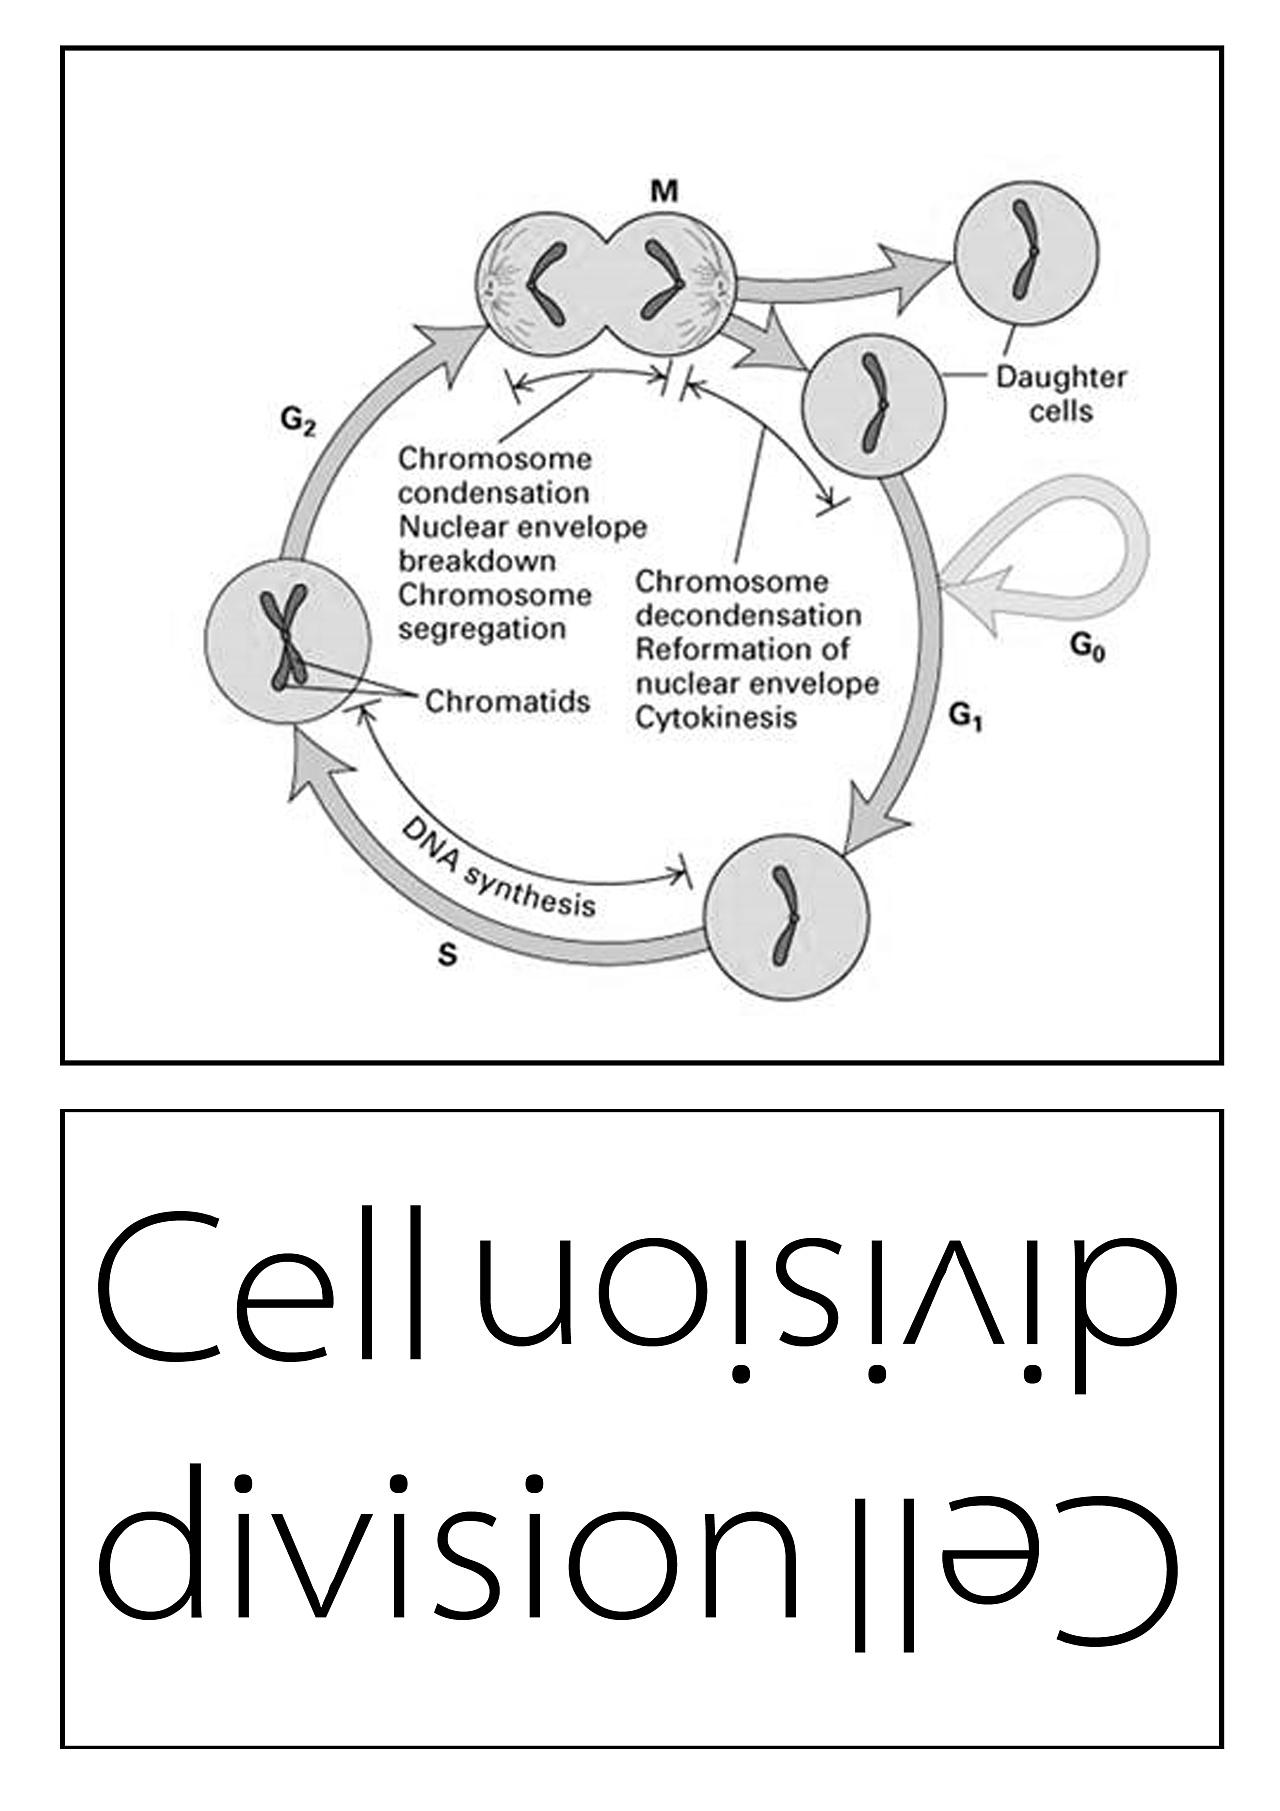 细胞平面图,显示所有细胞器_关于细胞研究的|平面|书装/画册|xww19931129 - 原创作品 - 站酷 (ZCOOL)